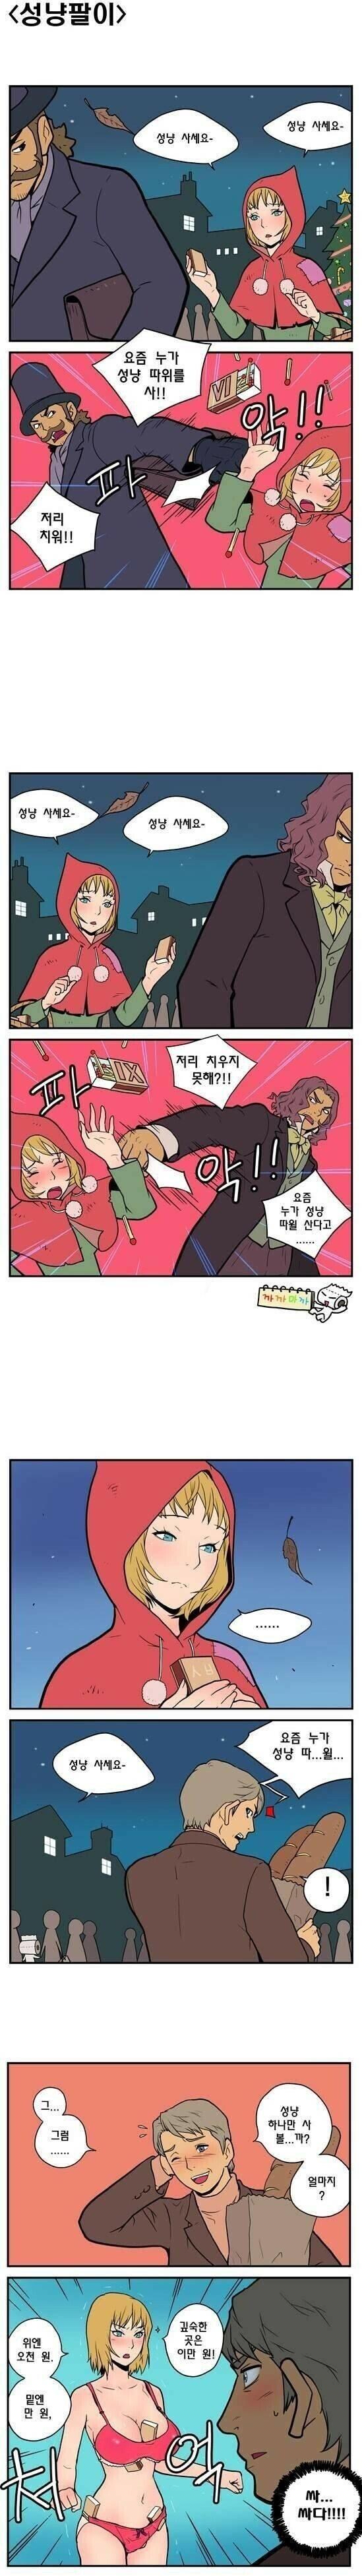 성냥팔이소녀.jpg